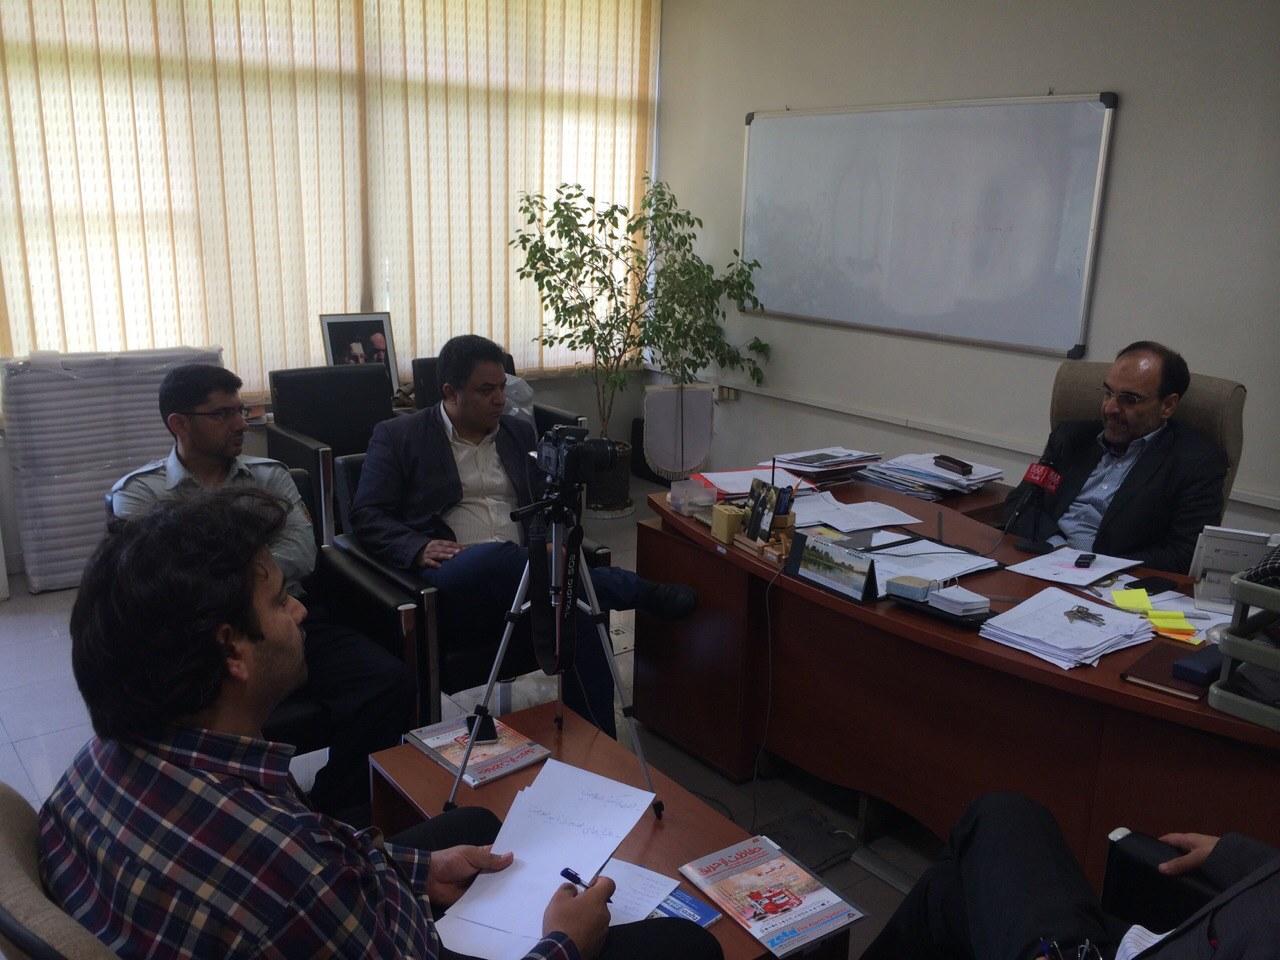 بیستمین جلسه کمسیون تعیین صلاحیت شرکتهای ارائه دهنده خدمات ایمنی و آتش نشانی تهران